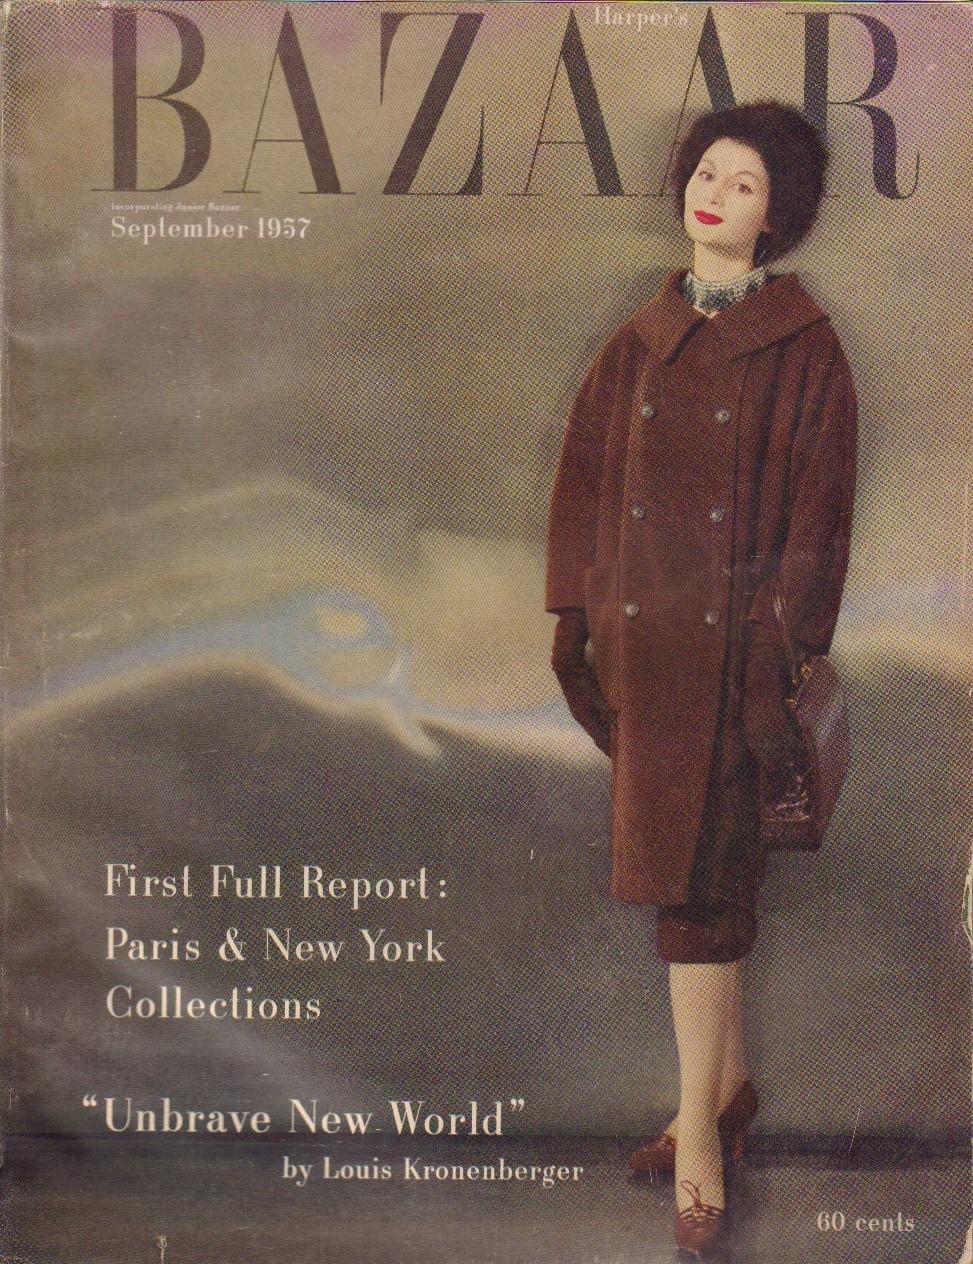 Image for Harper's Magazine September 1957